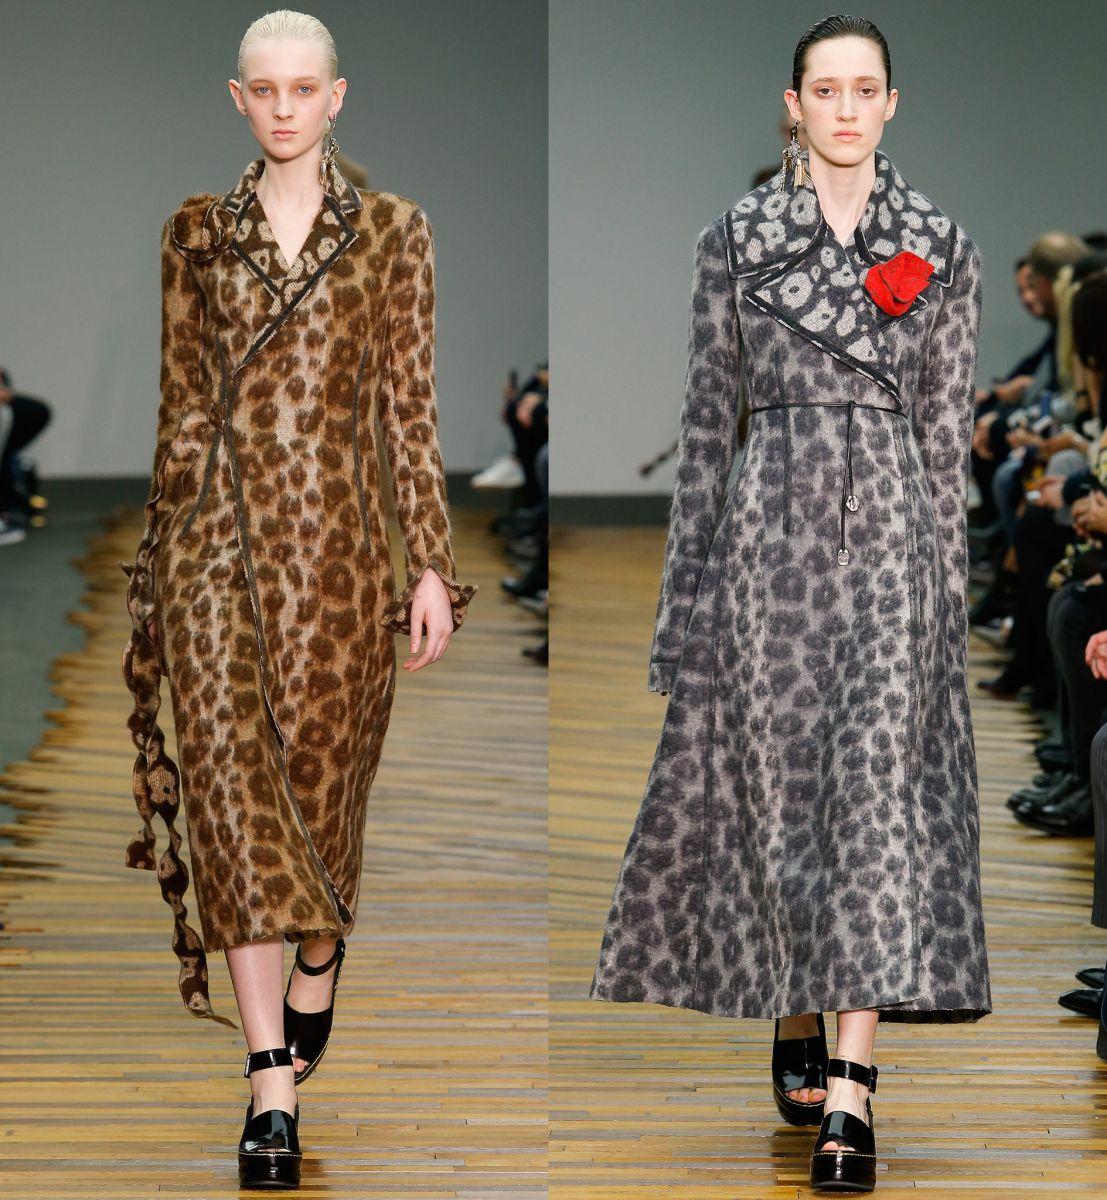 Пальто с леопардовым принтом Céline - фото №1